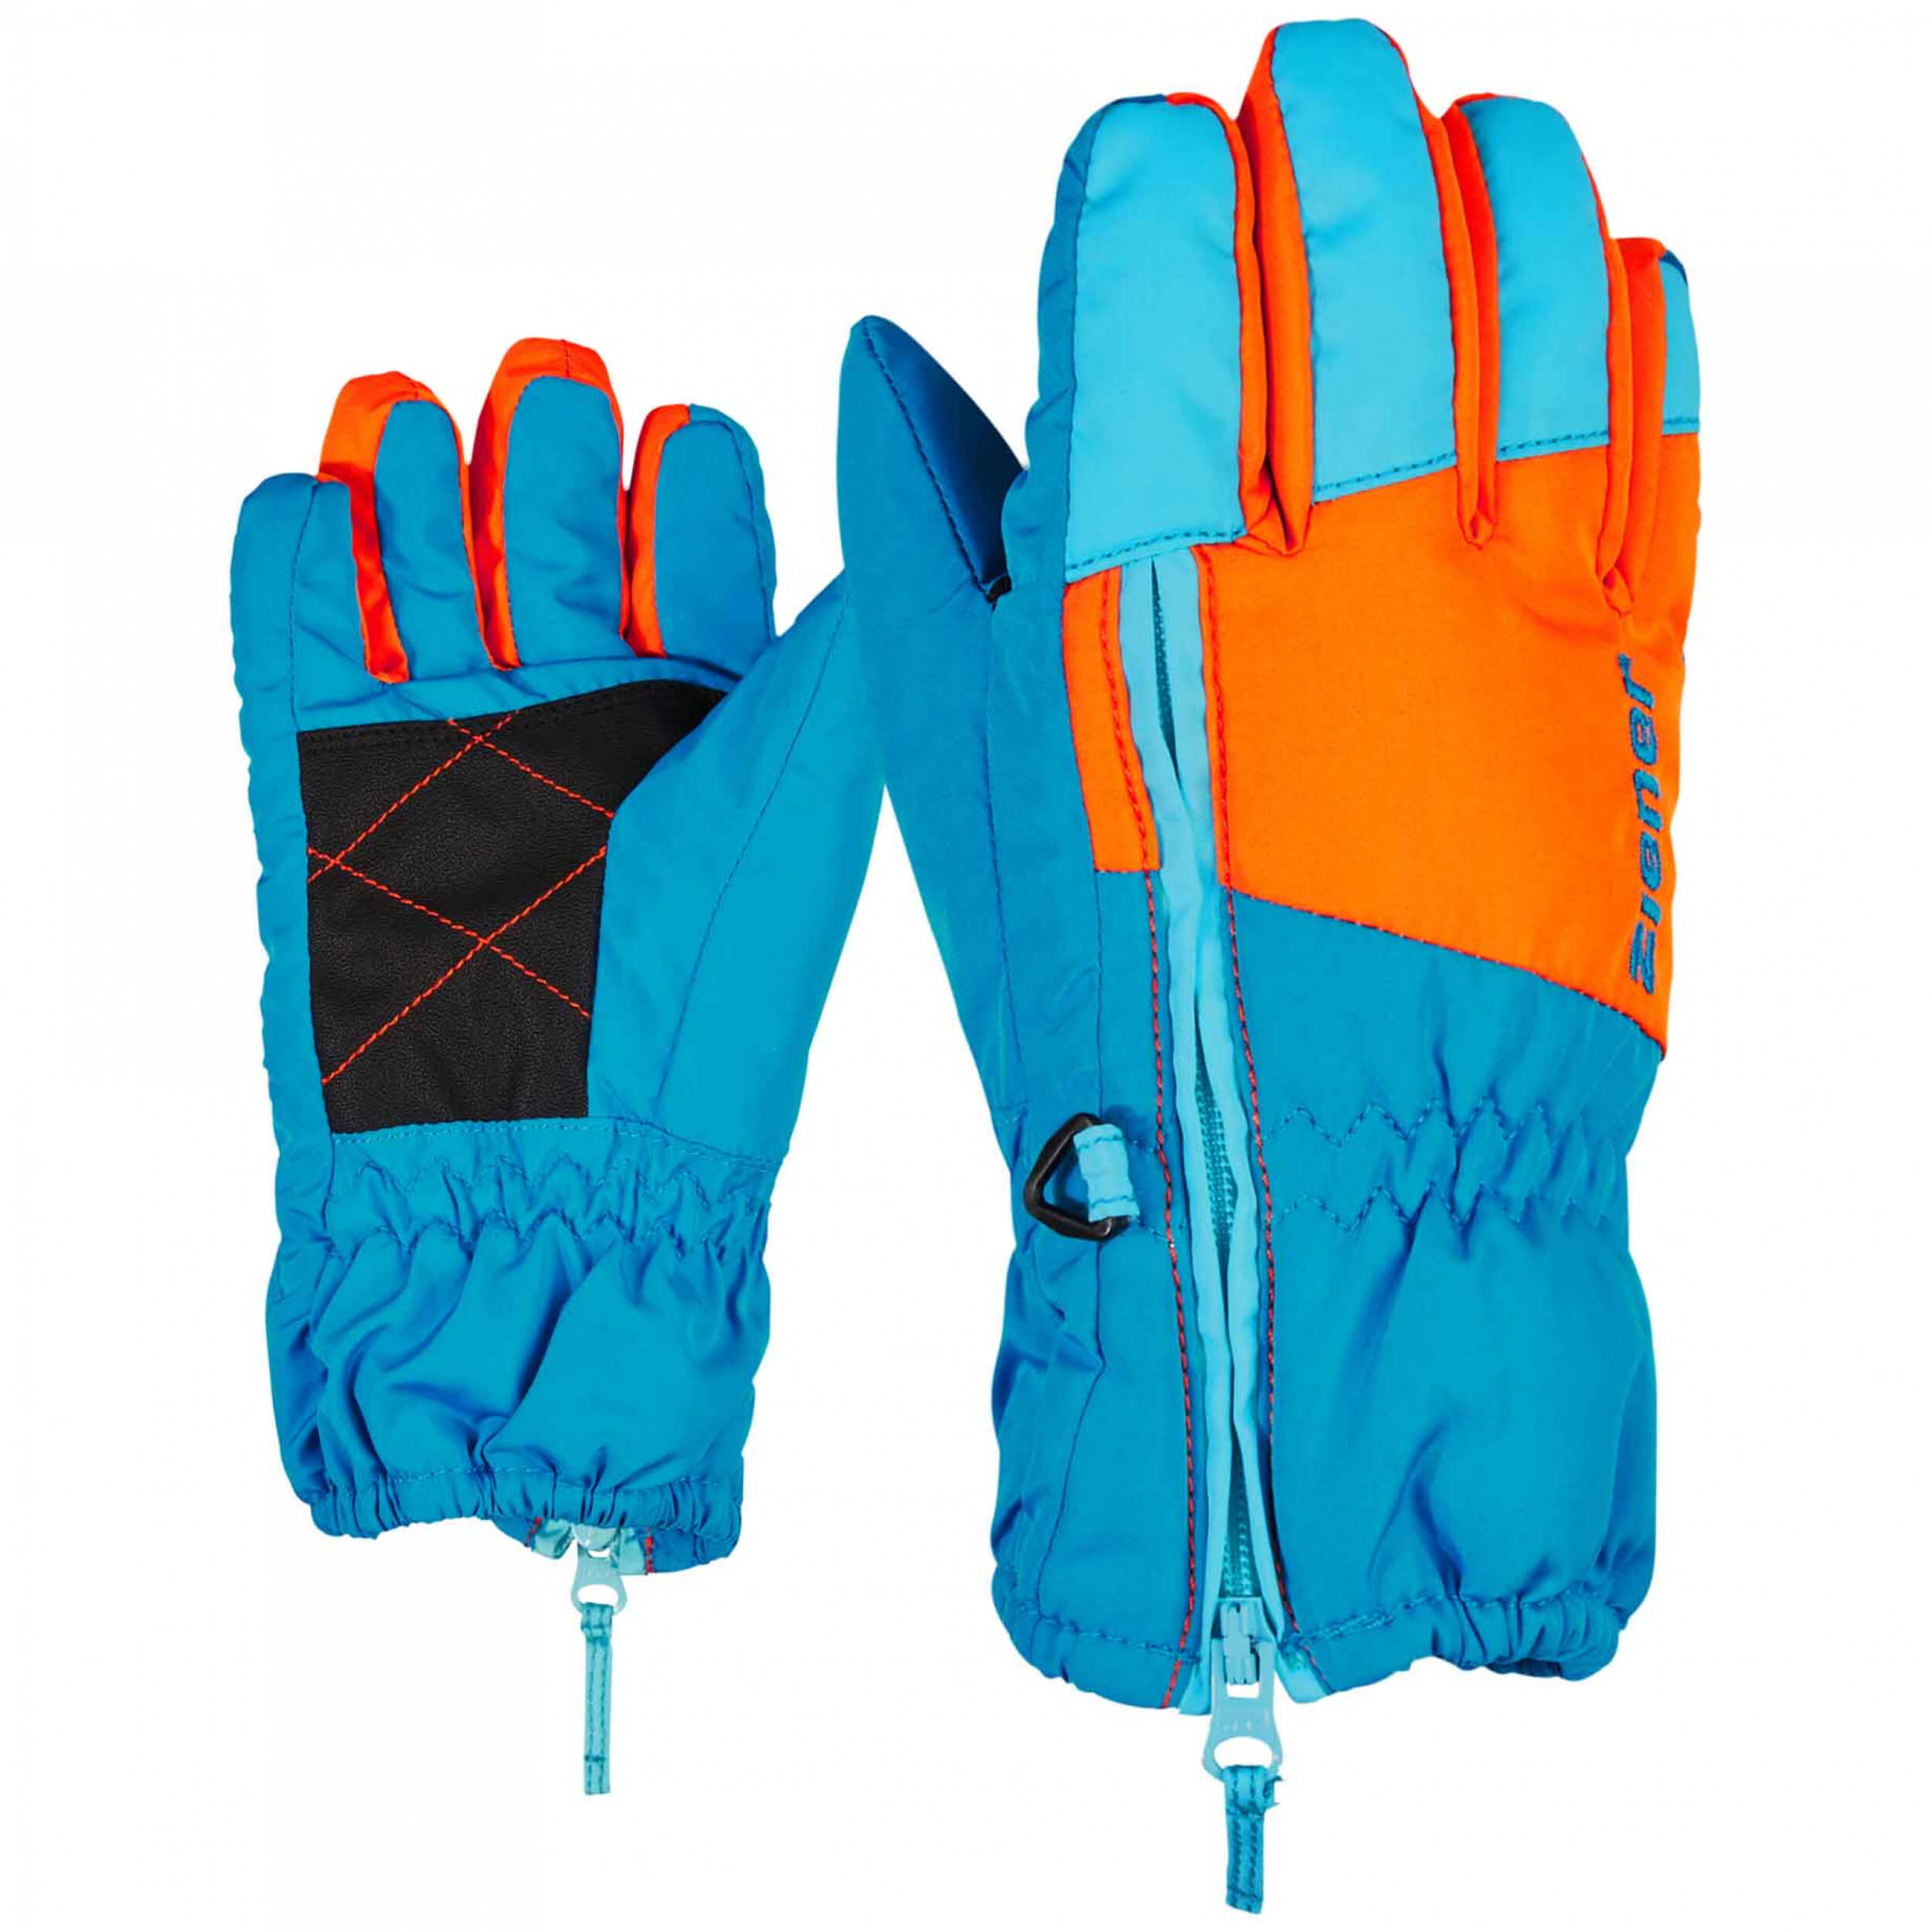 ZIENER Kinder mini Handschuhe LUDO blau orange 230